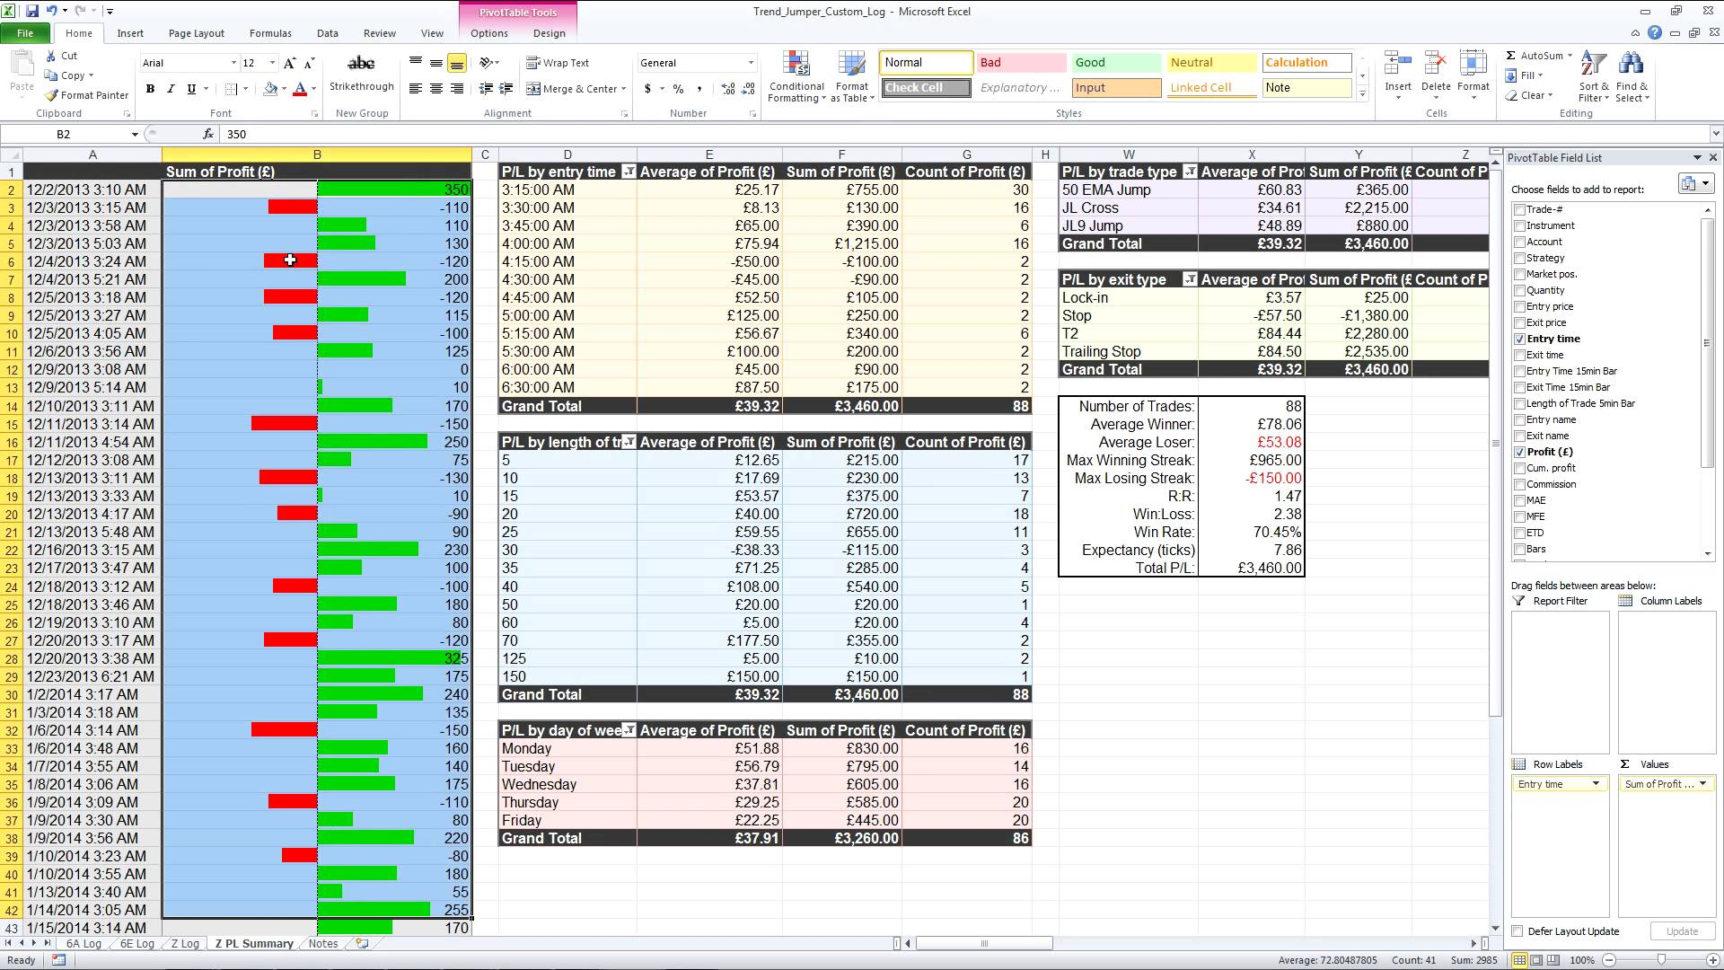 Options Trading Journal Spreadsheet Spreadsheet Downloa Options Trading Journal Spreadsheet